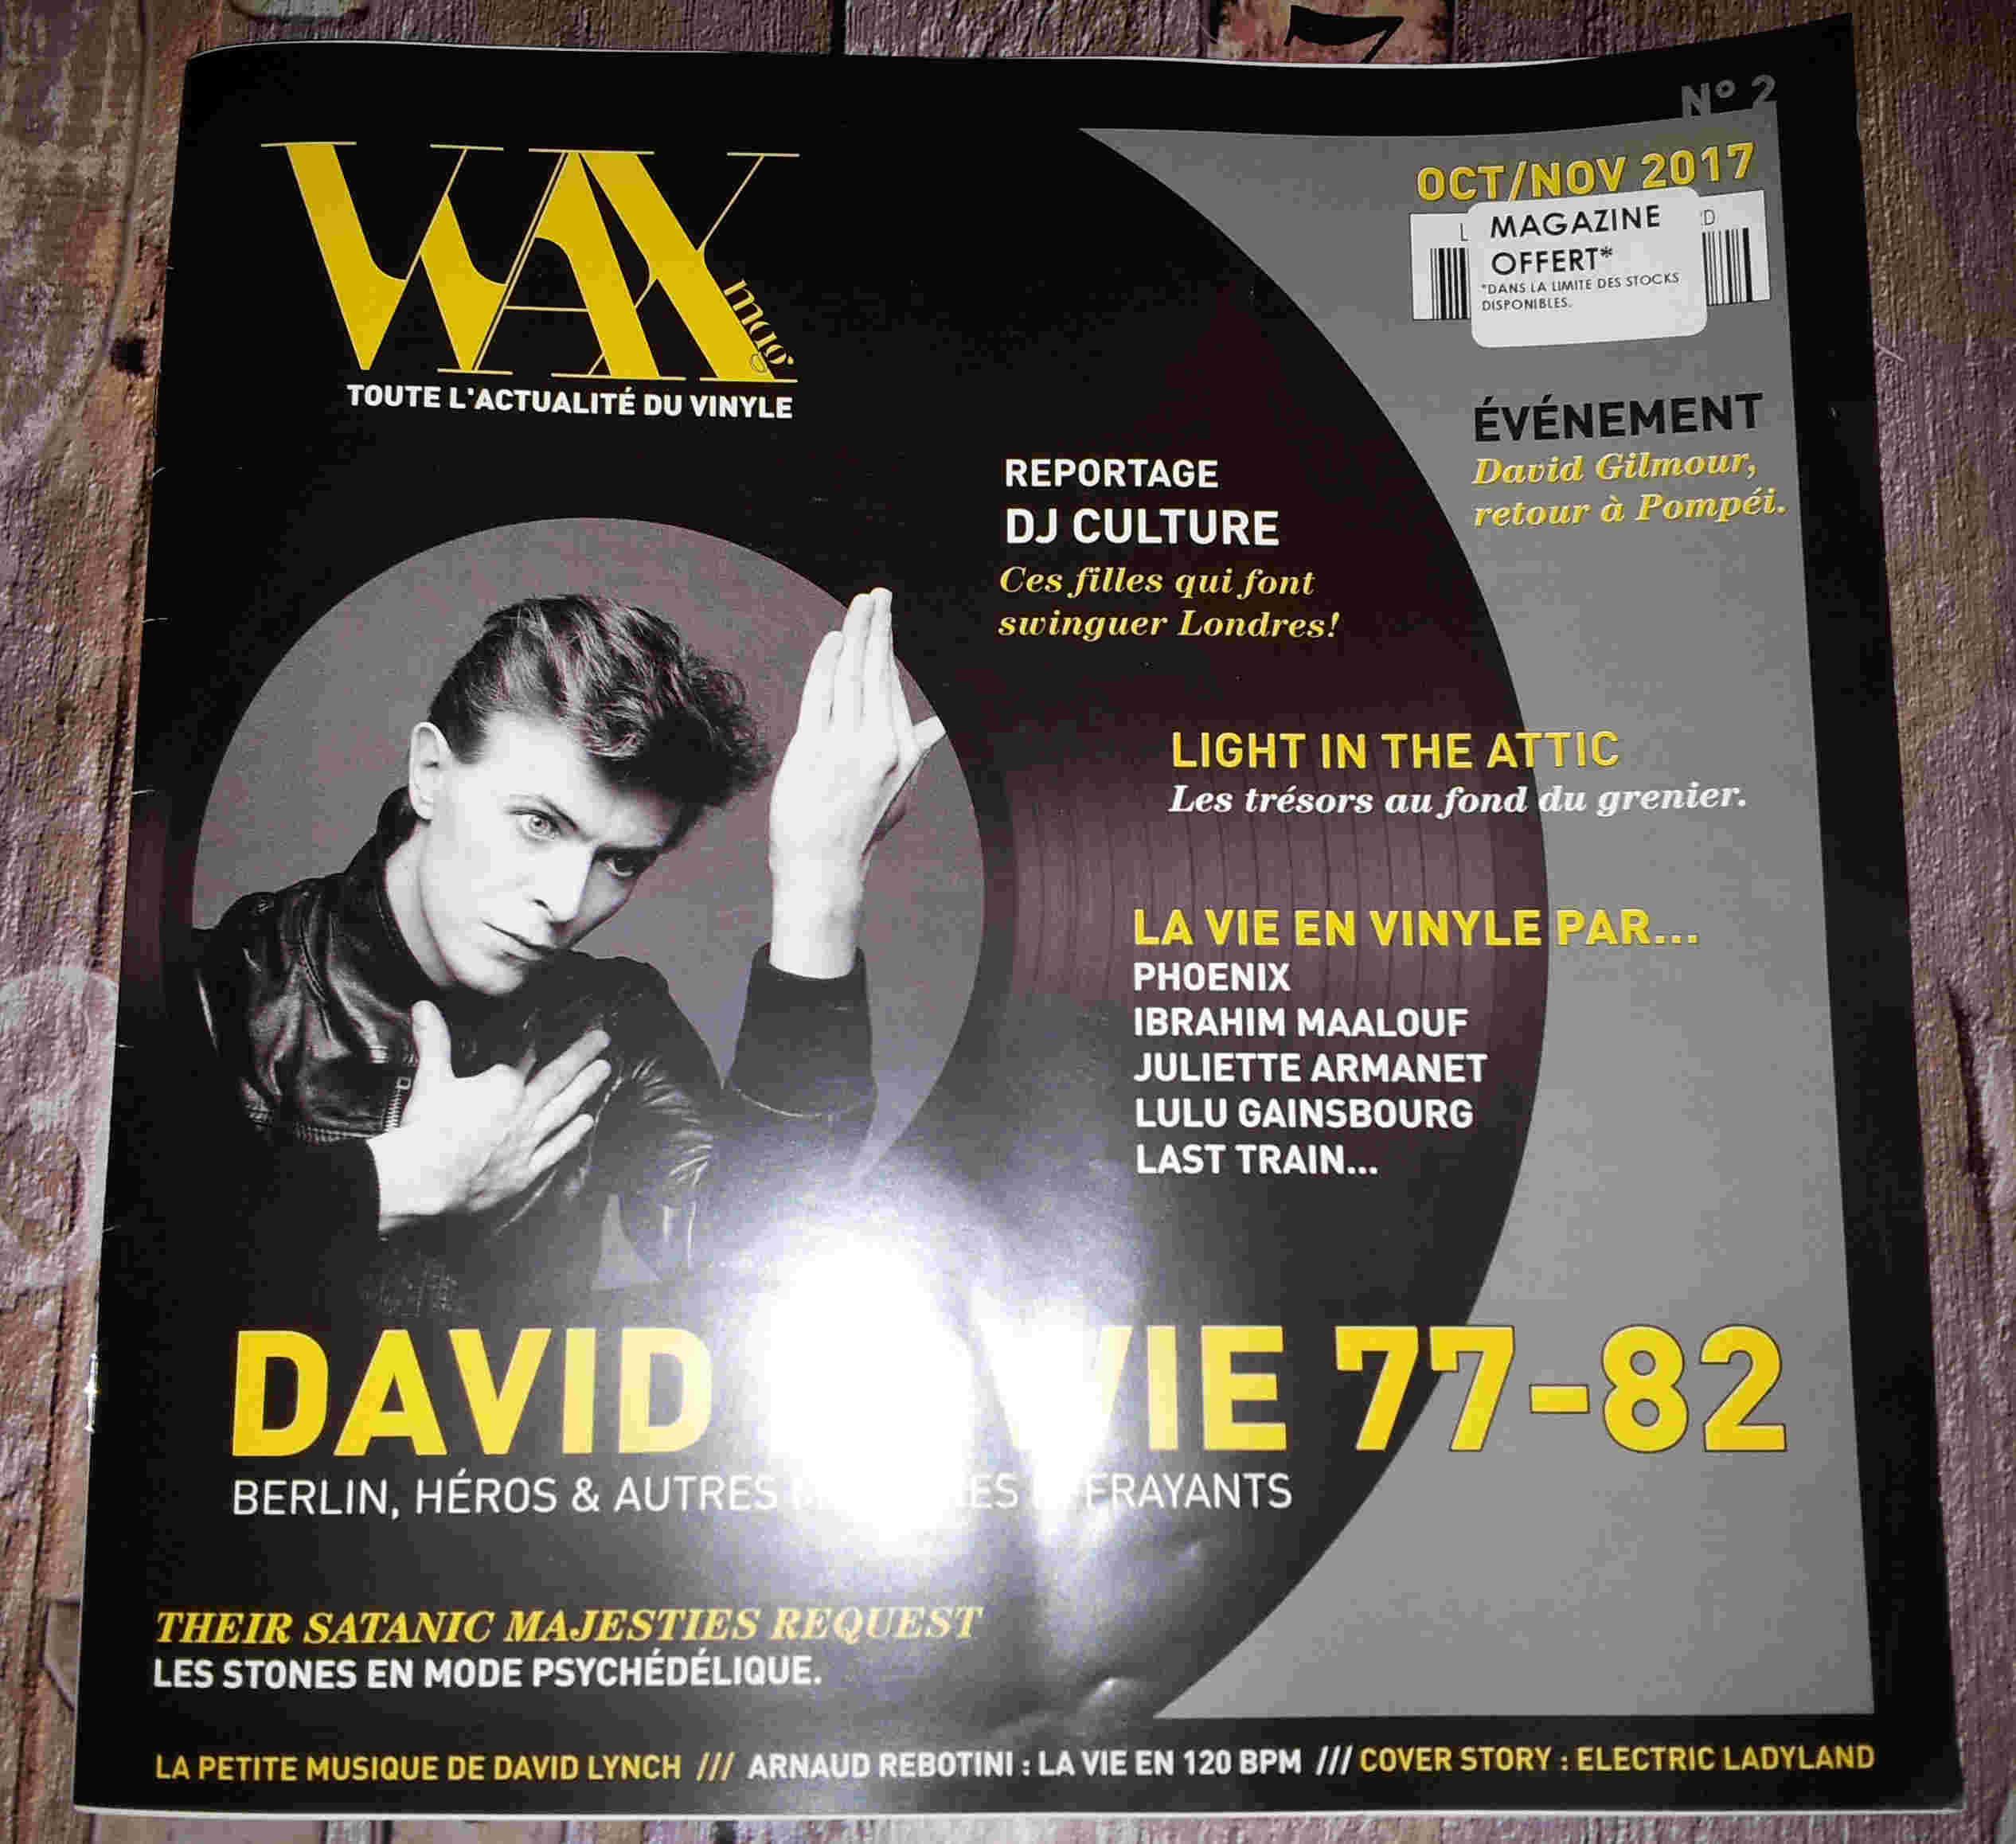 WAX toute l'actualité du vinyle  Octobre/Novembre 2017 offert chez CULTURA 011